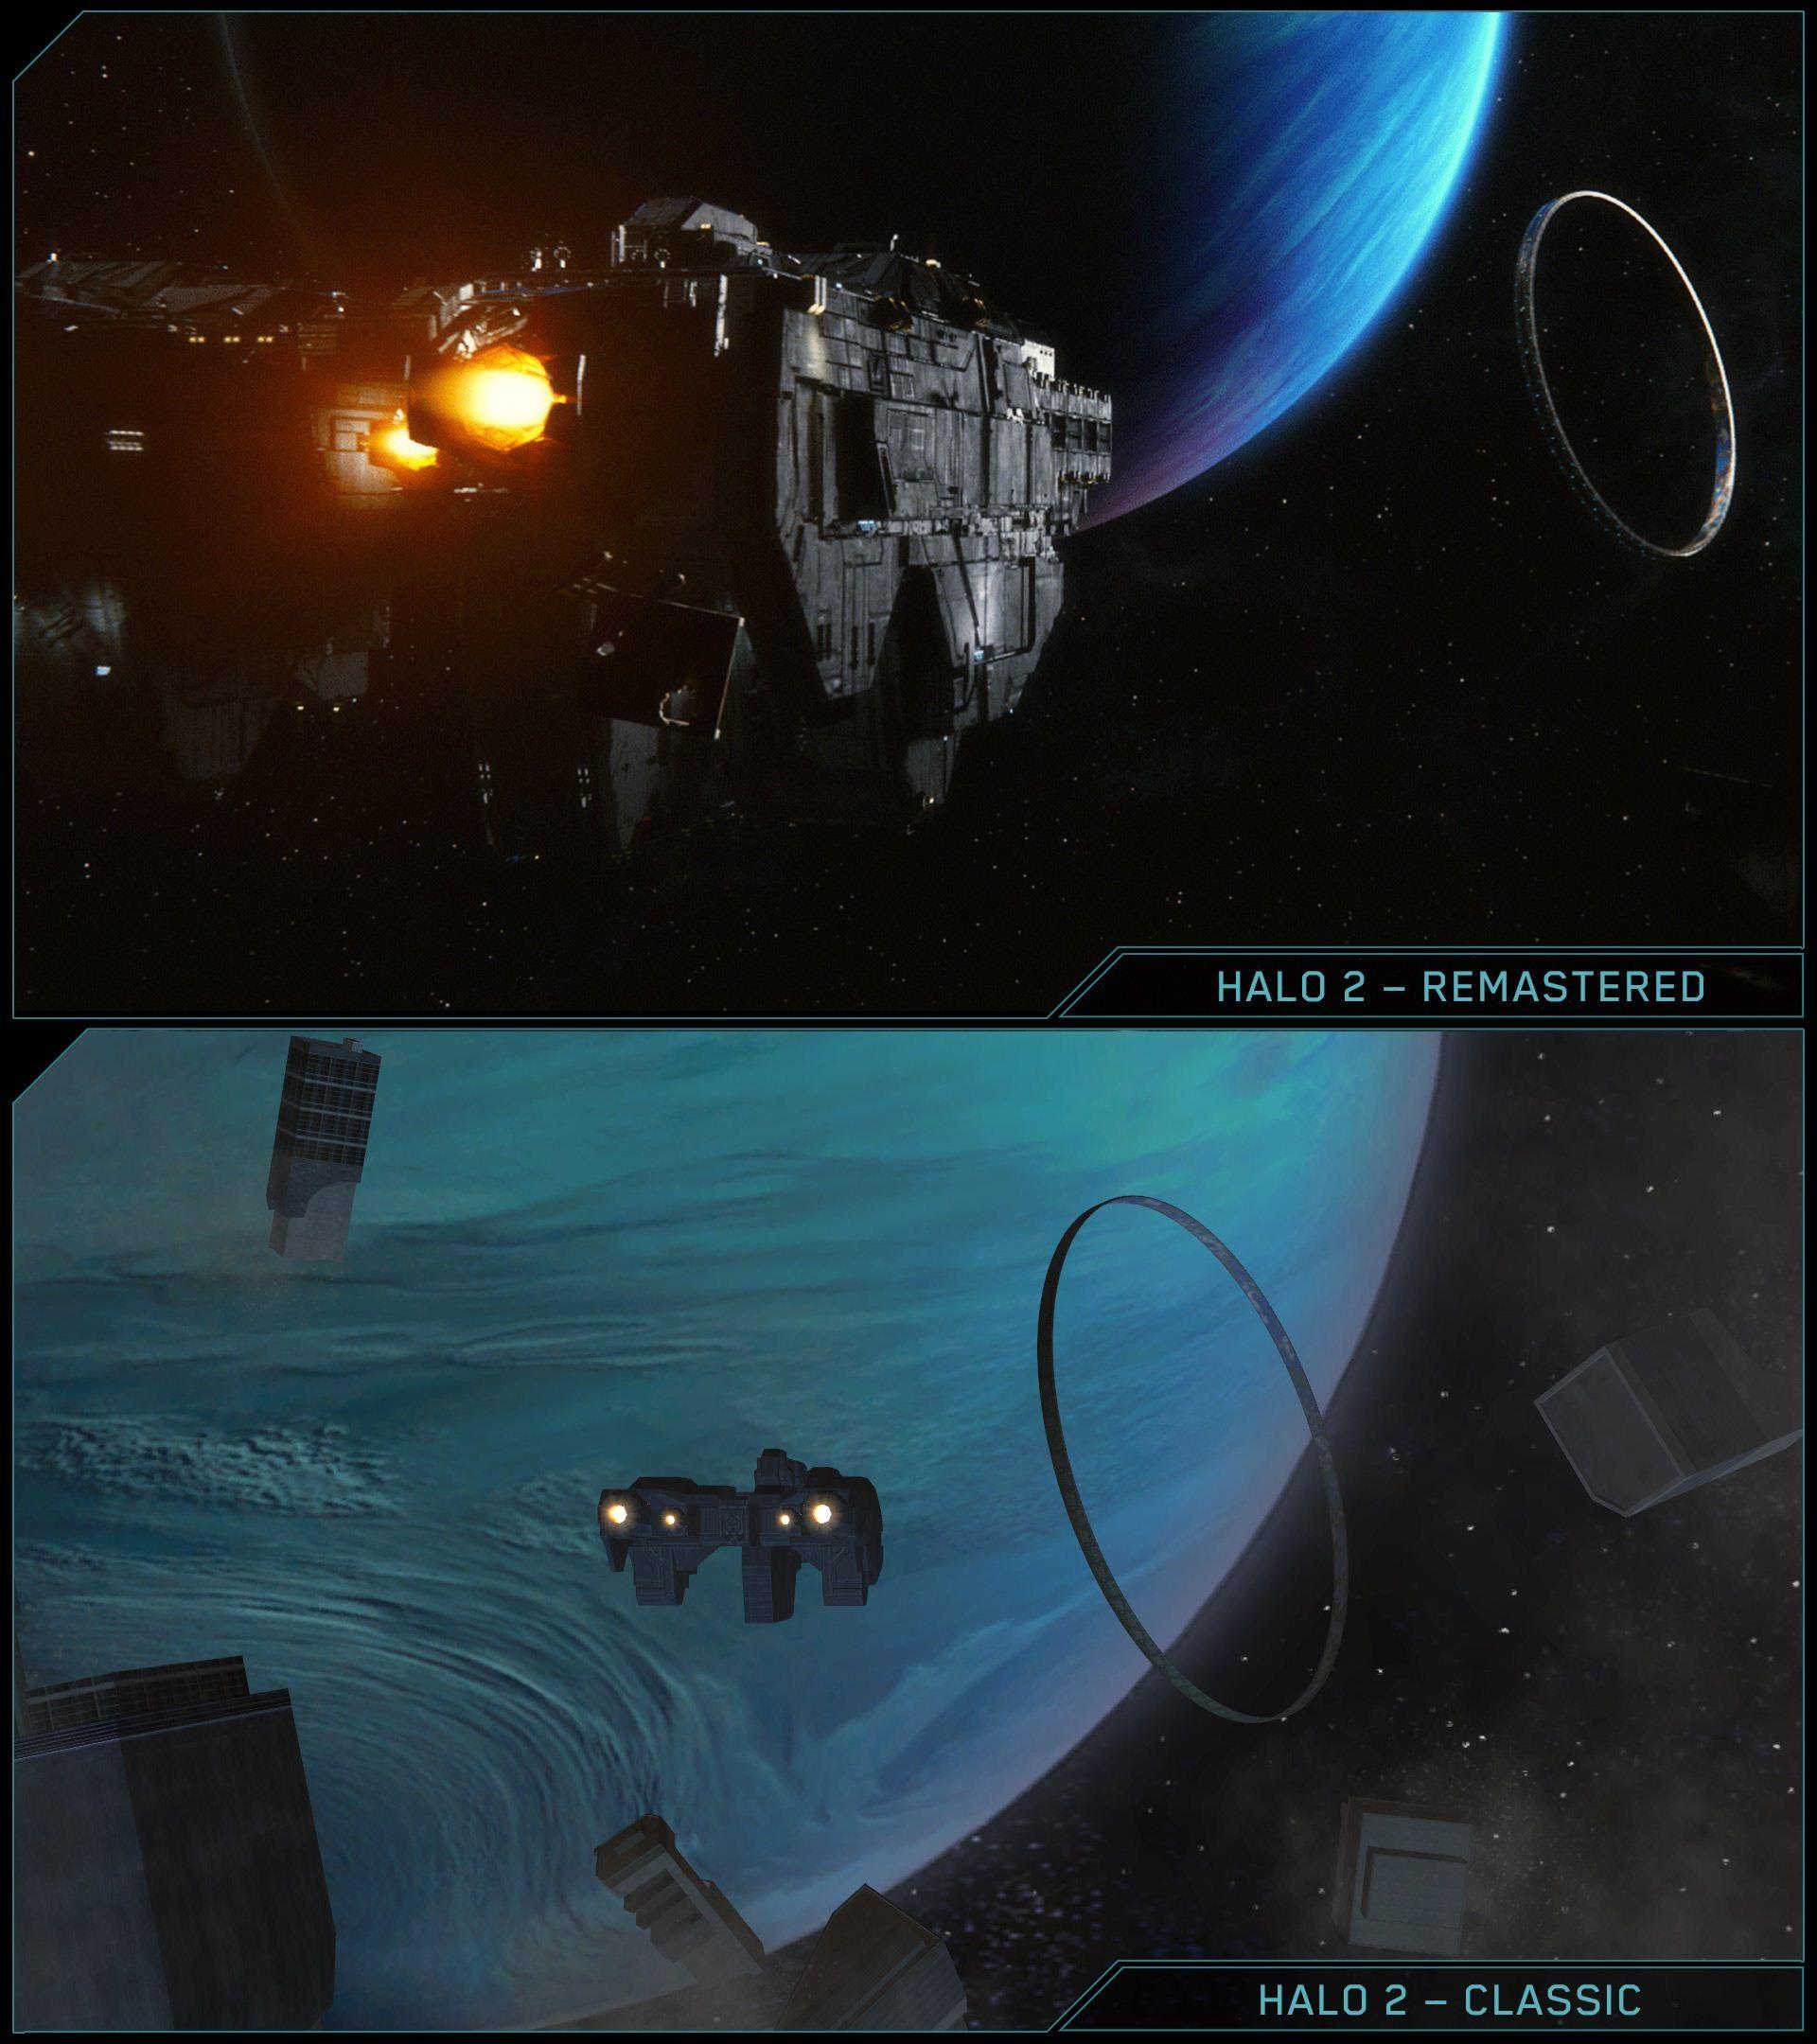 https://gamingbolt.com/wp-content/uploads/2014/06/E3-2014-Halo -2-Anniversary-Comparison-Delta-Halo-jpg-1.jpg